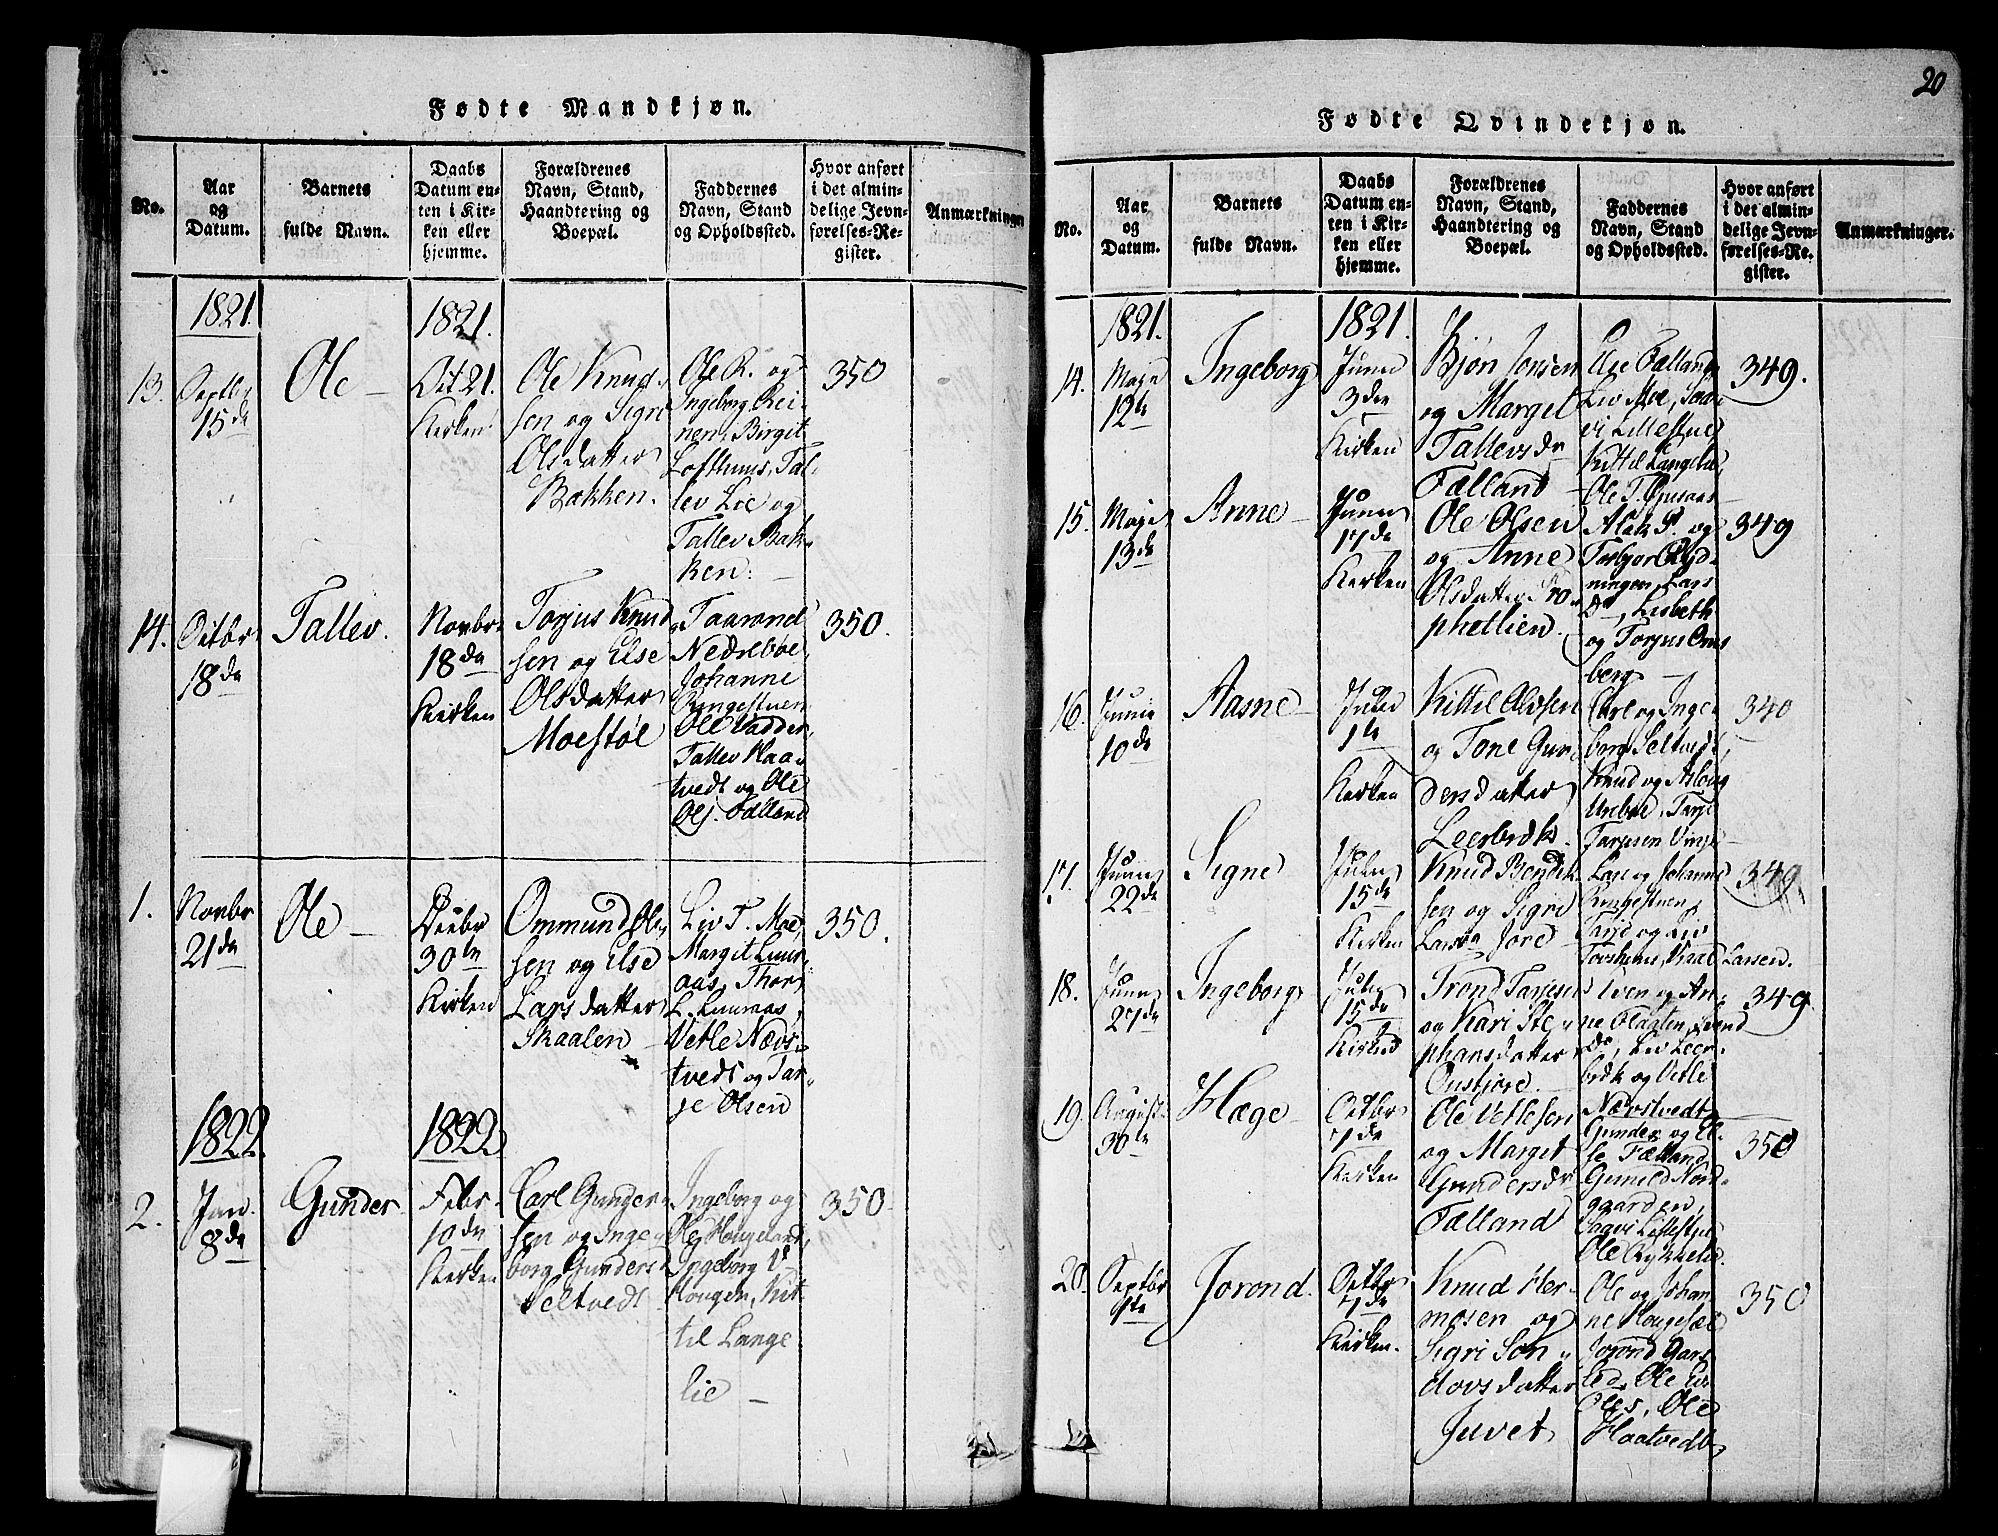 SAKO, Mo kirkebøker, F/Fa/L0004: Ministerialbok nr. I 4, 1814-1844, s. 20